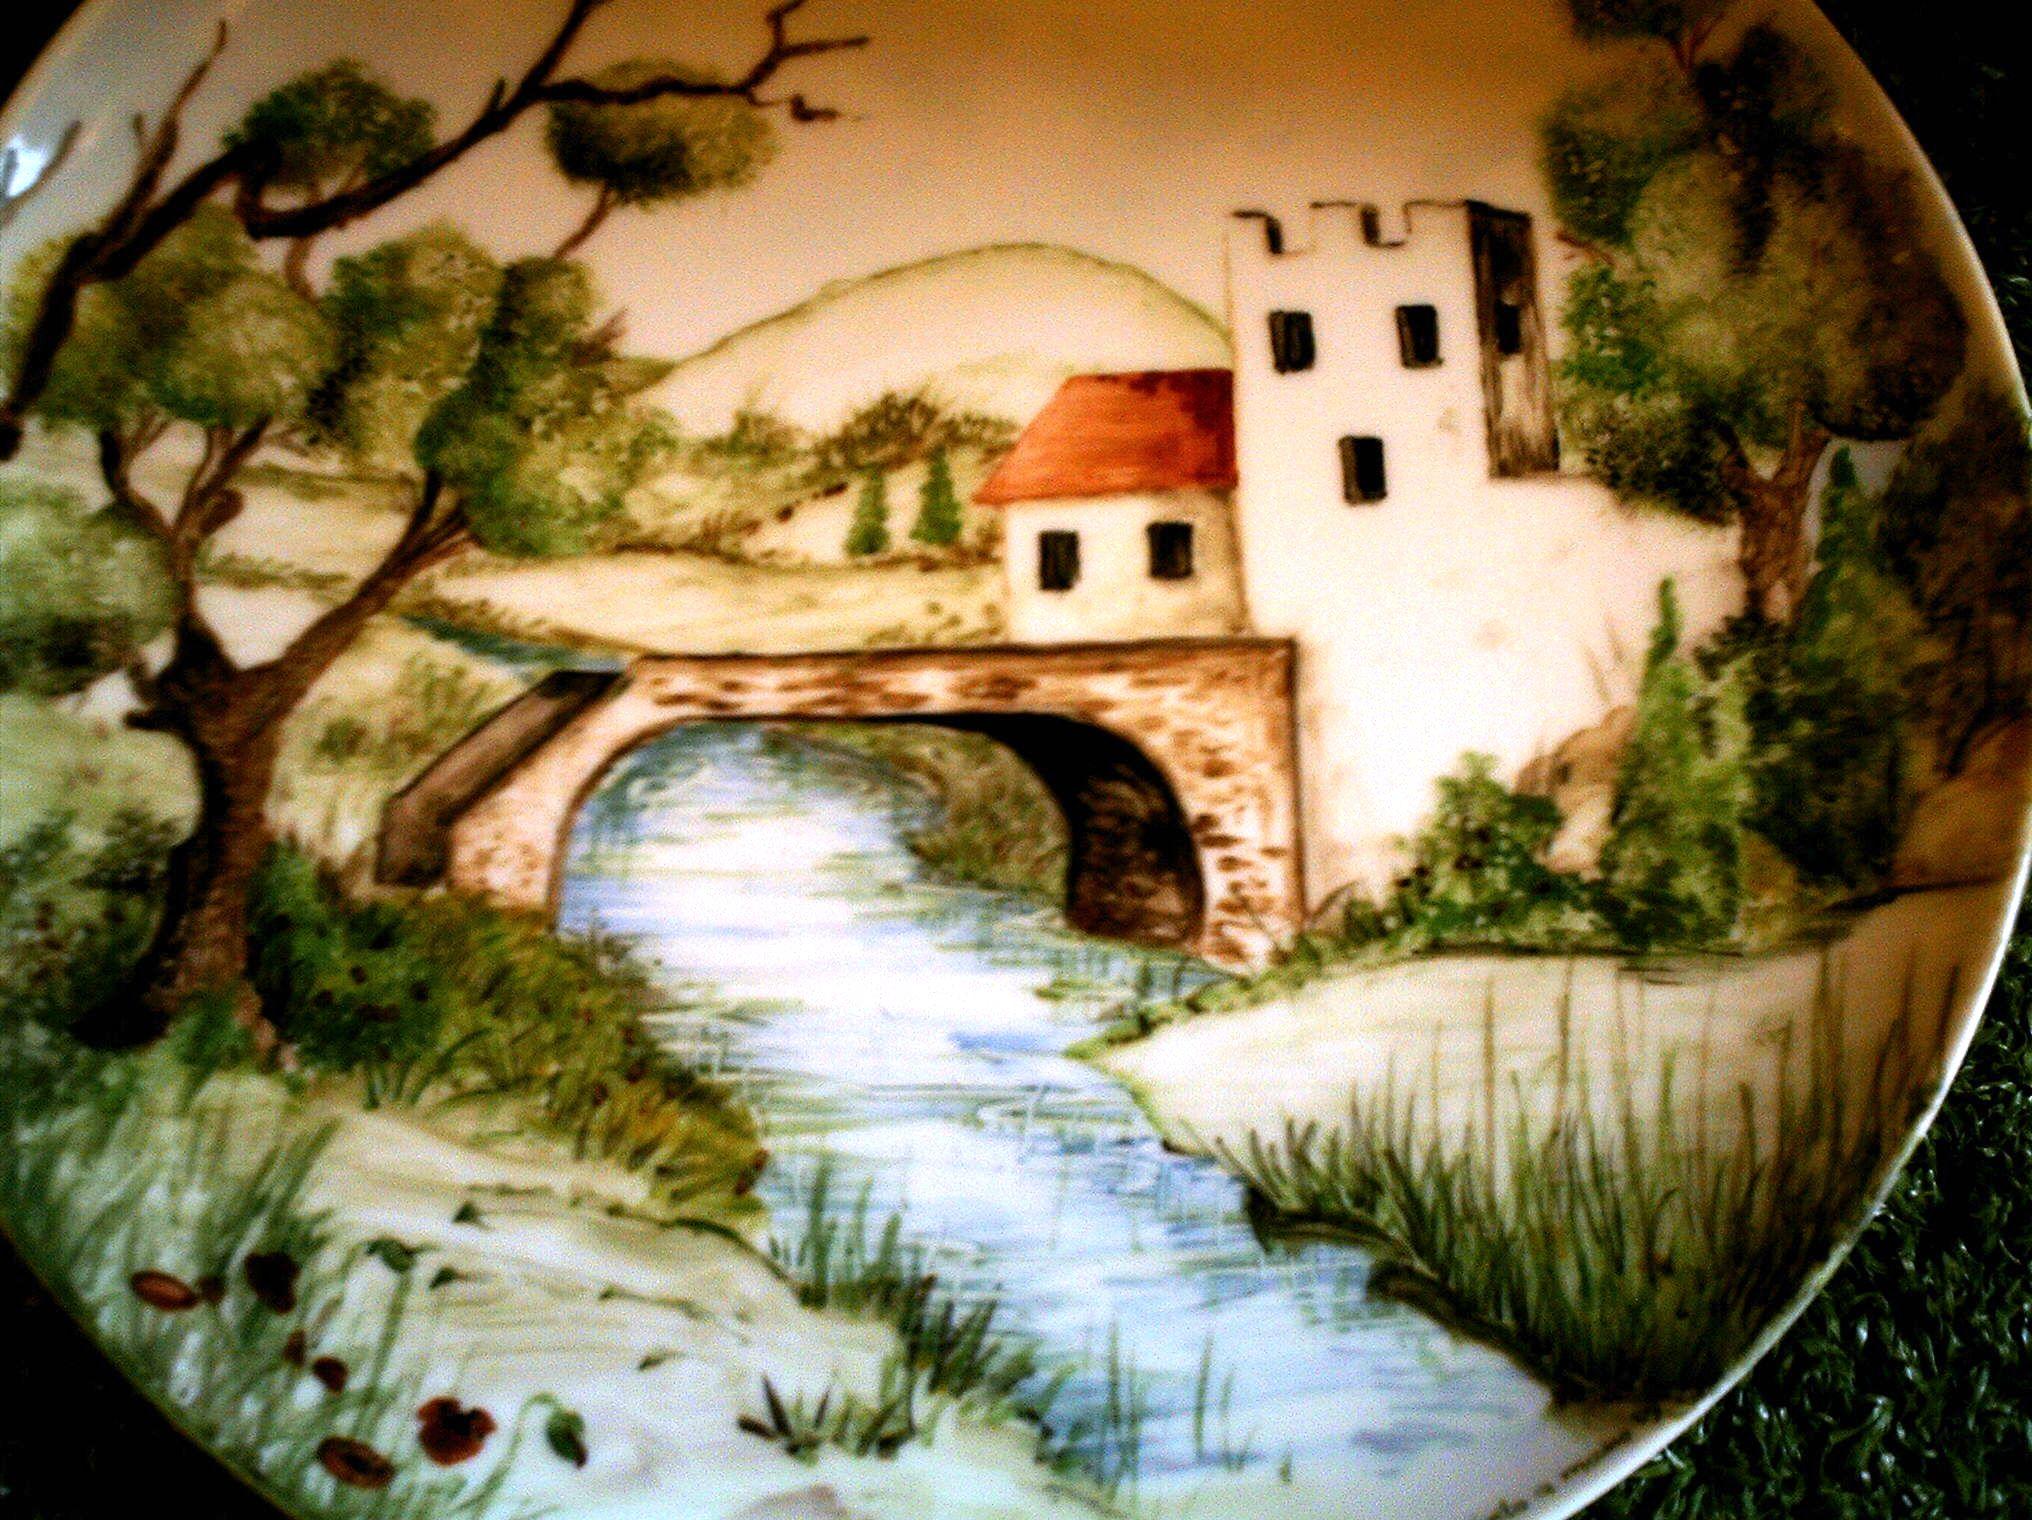 Negozio laboratorio vendita e decorazione di piatti for Decorazioni muro